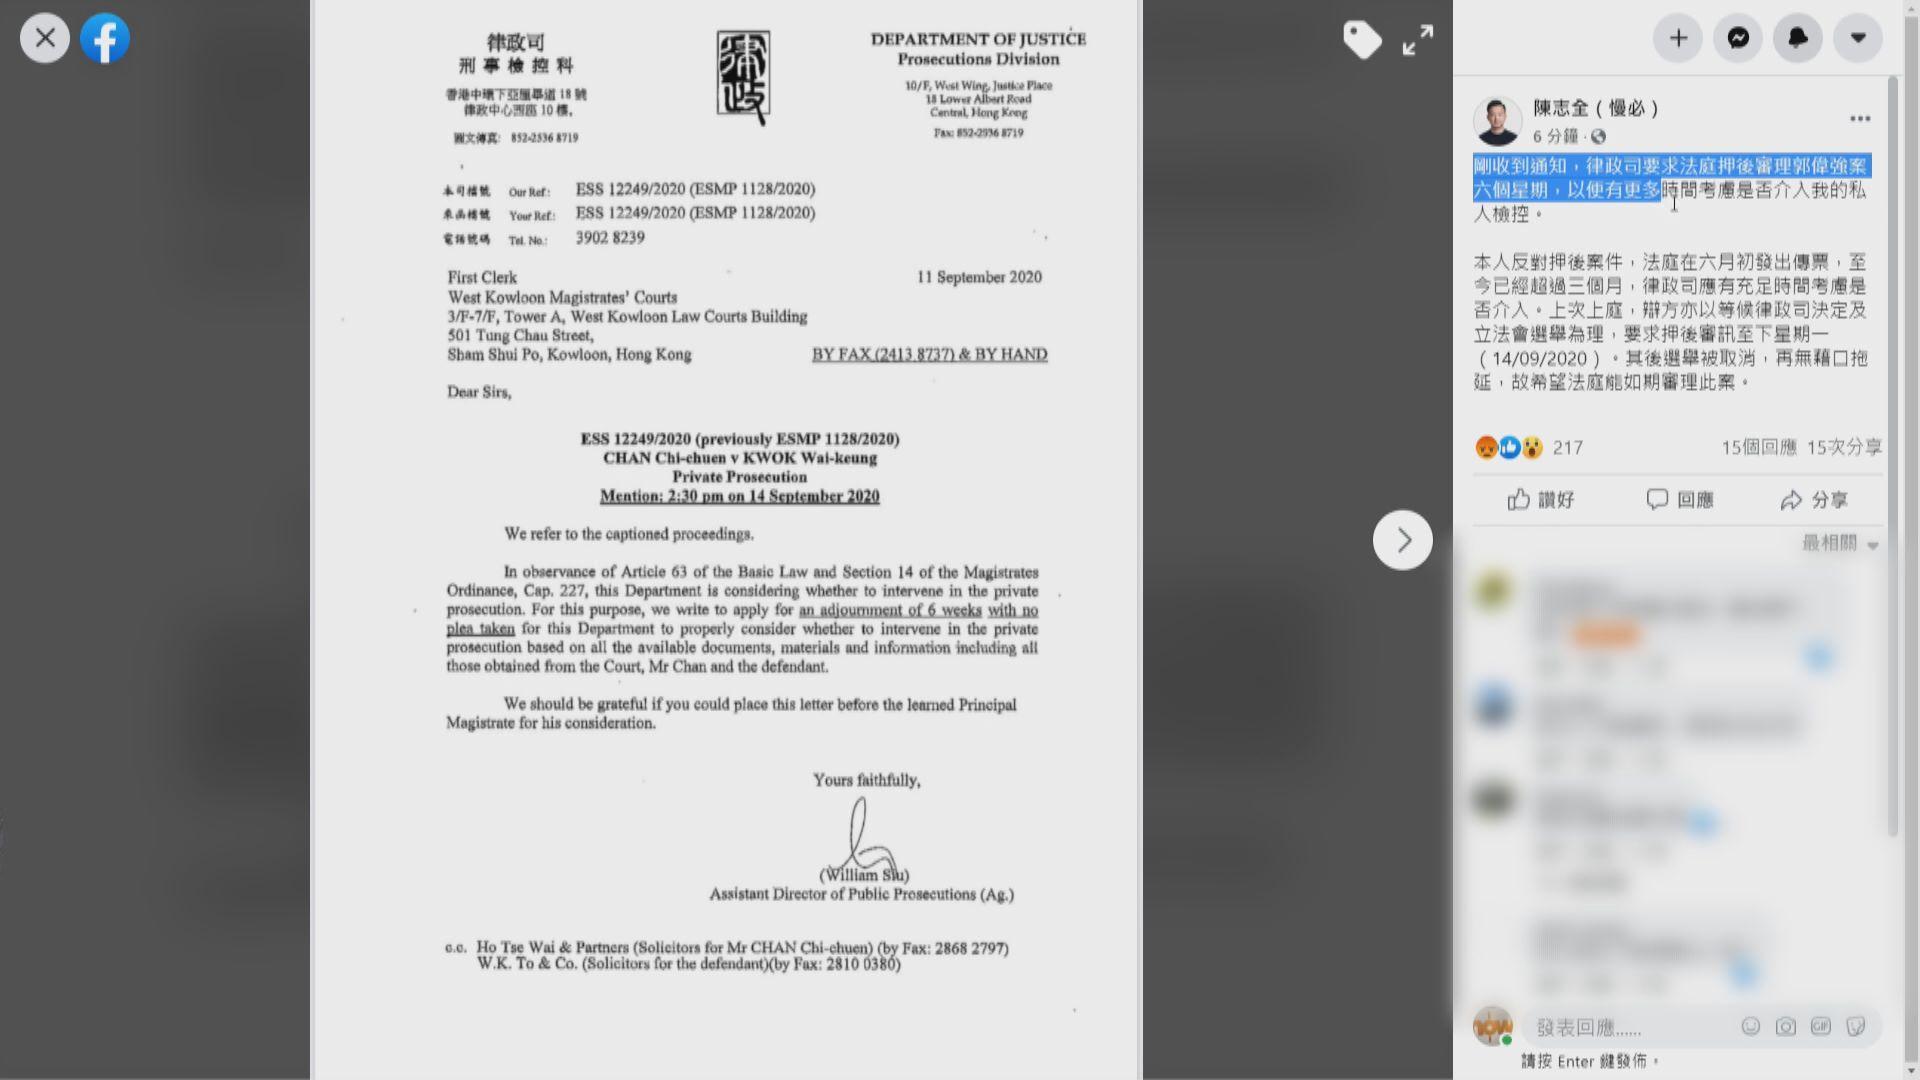 陳志全:律政司考慮介入私人檢控郭偉强案